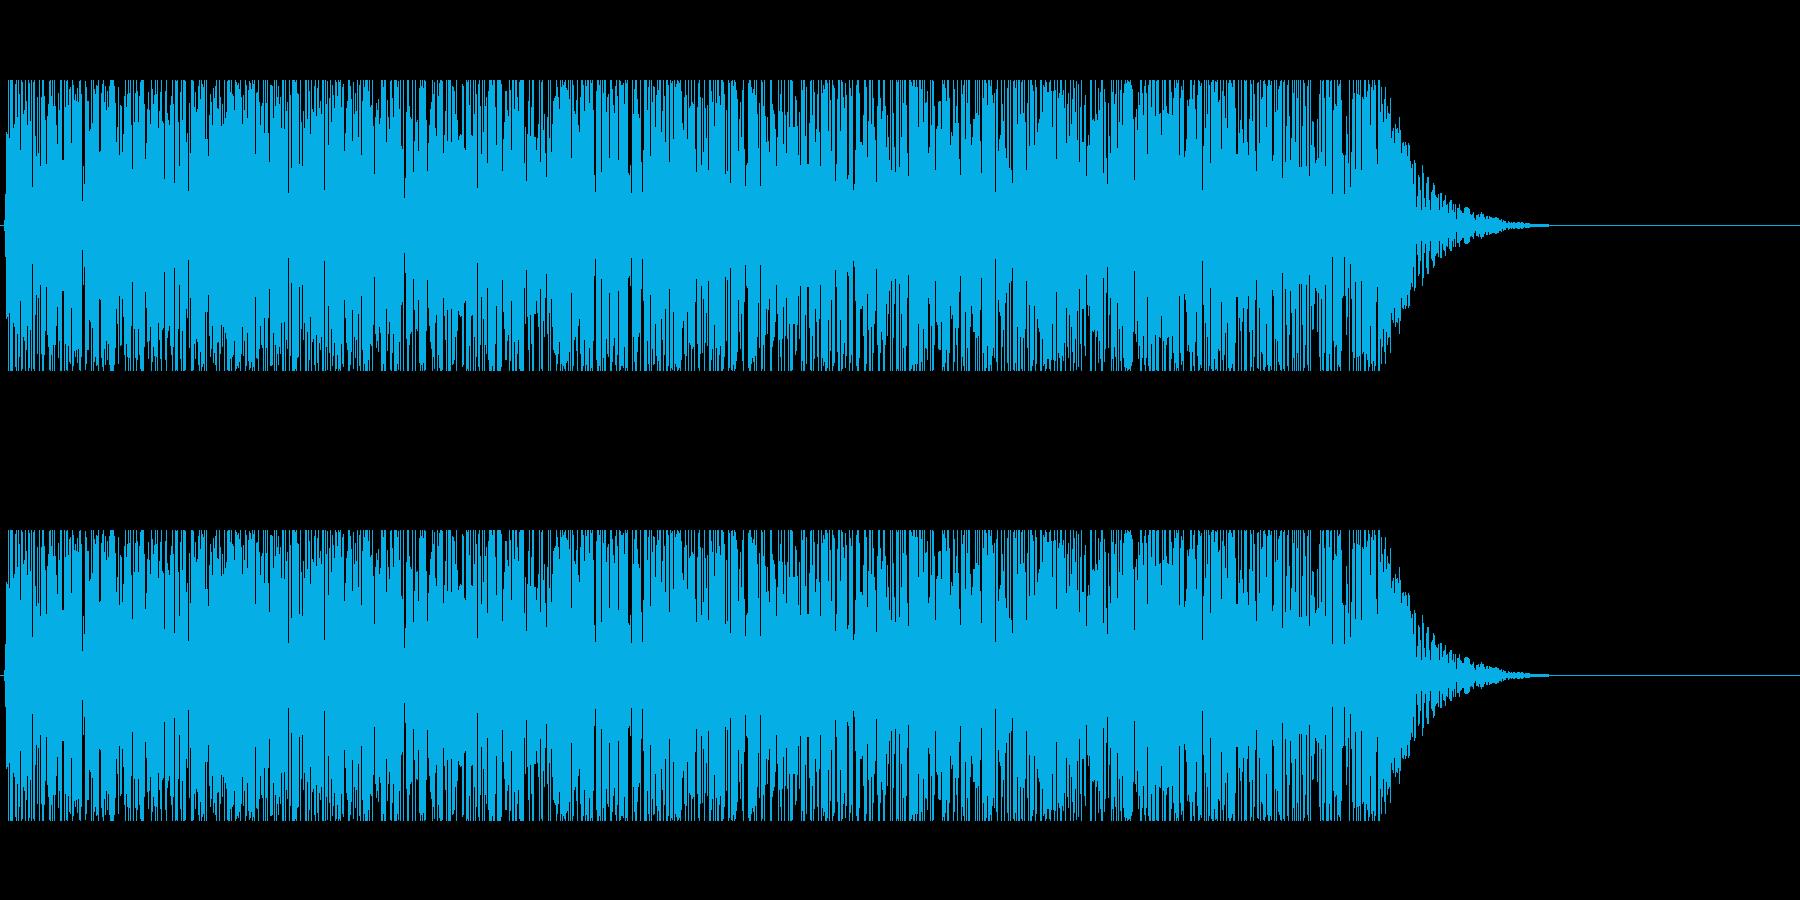 トンネル内を走る音の再生済みの波形